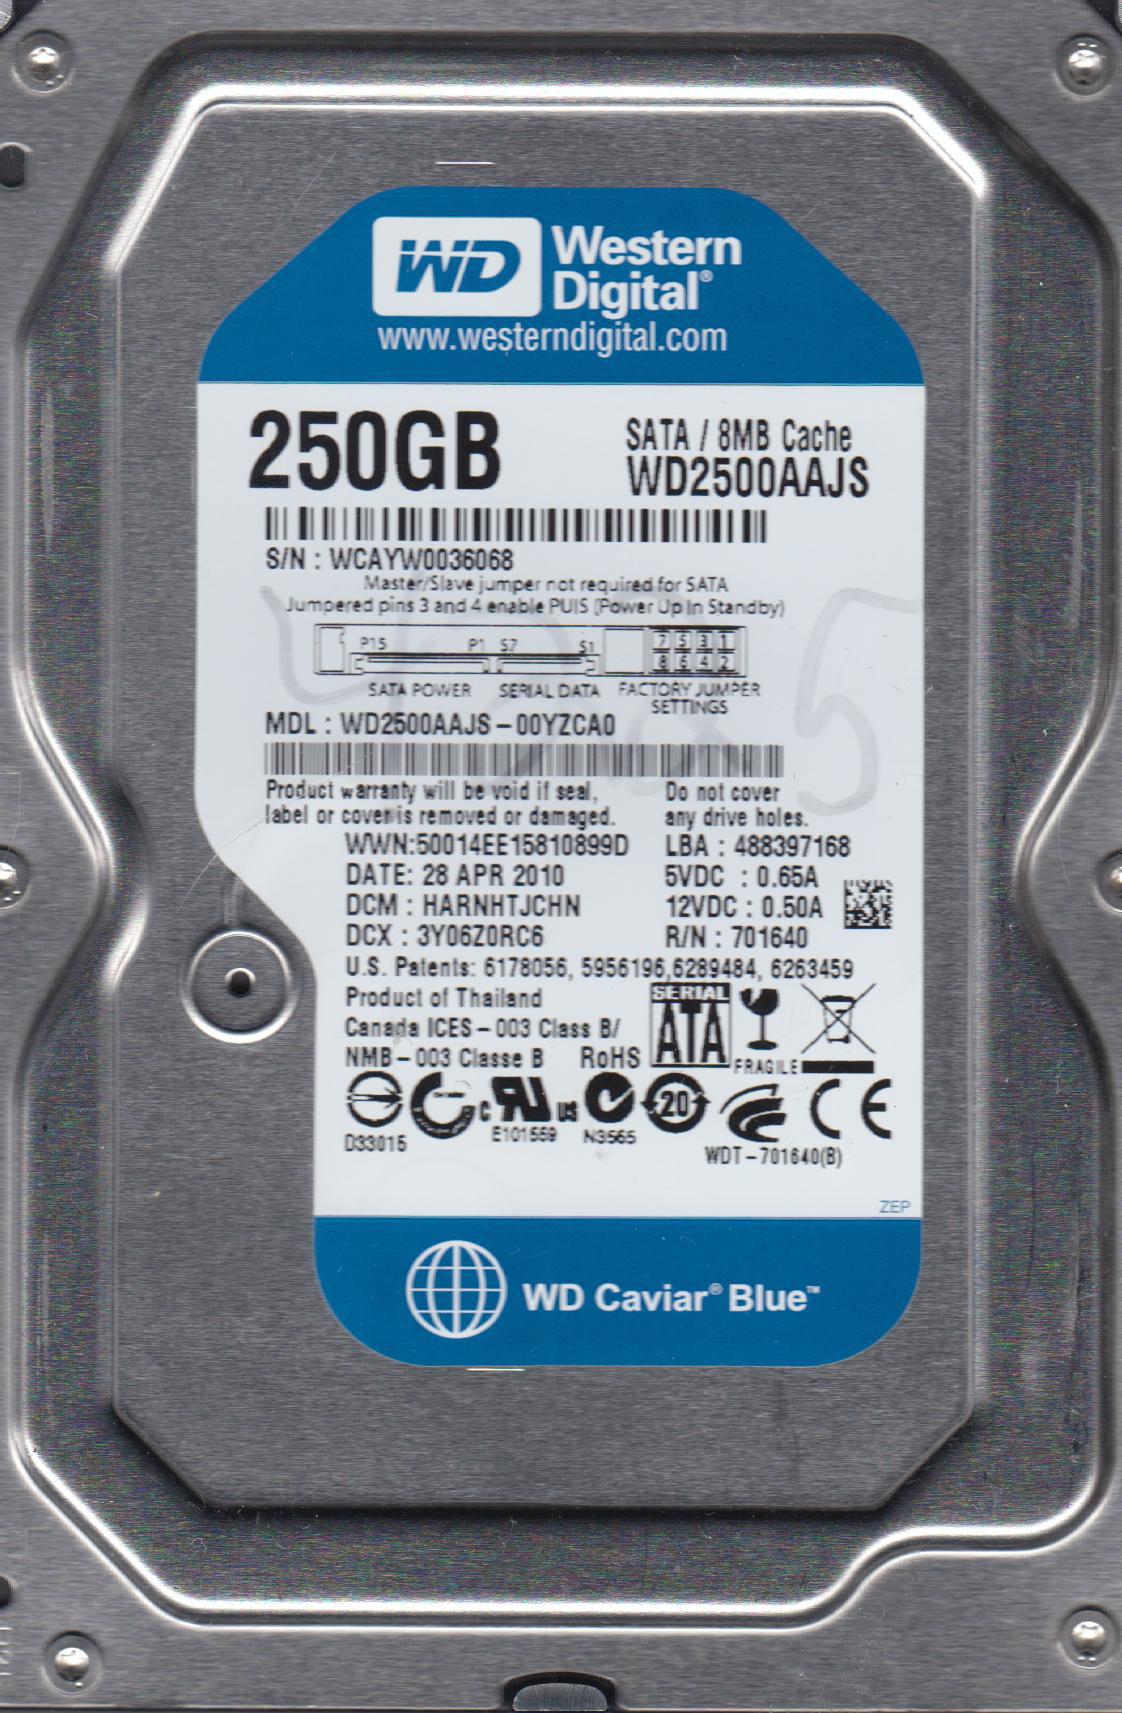 WD2500AAJS-00YZCA0, DCM HARNHTJCHN, Western Digital 250GB SATA 3.5 Hard Drive by Western Digital